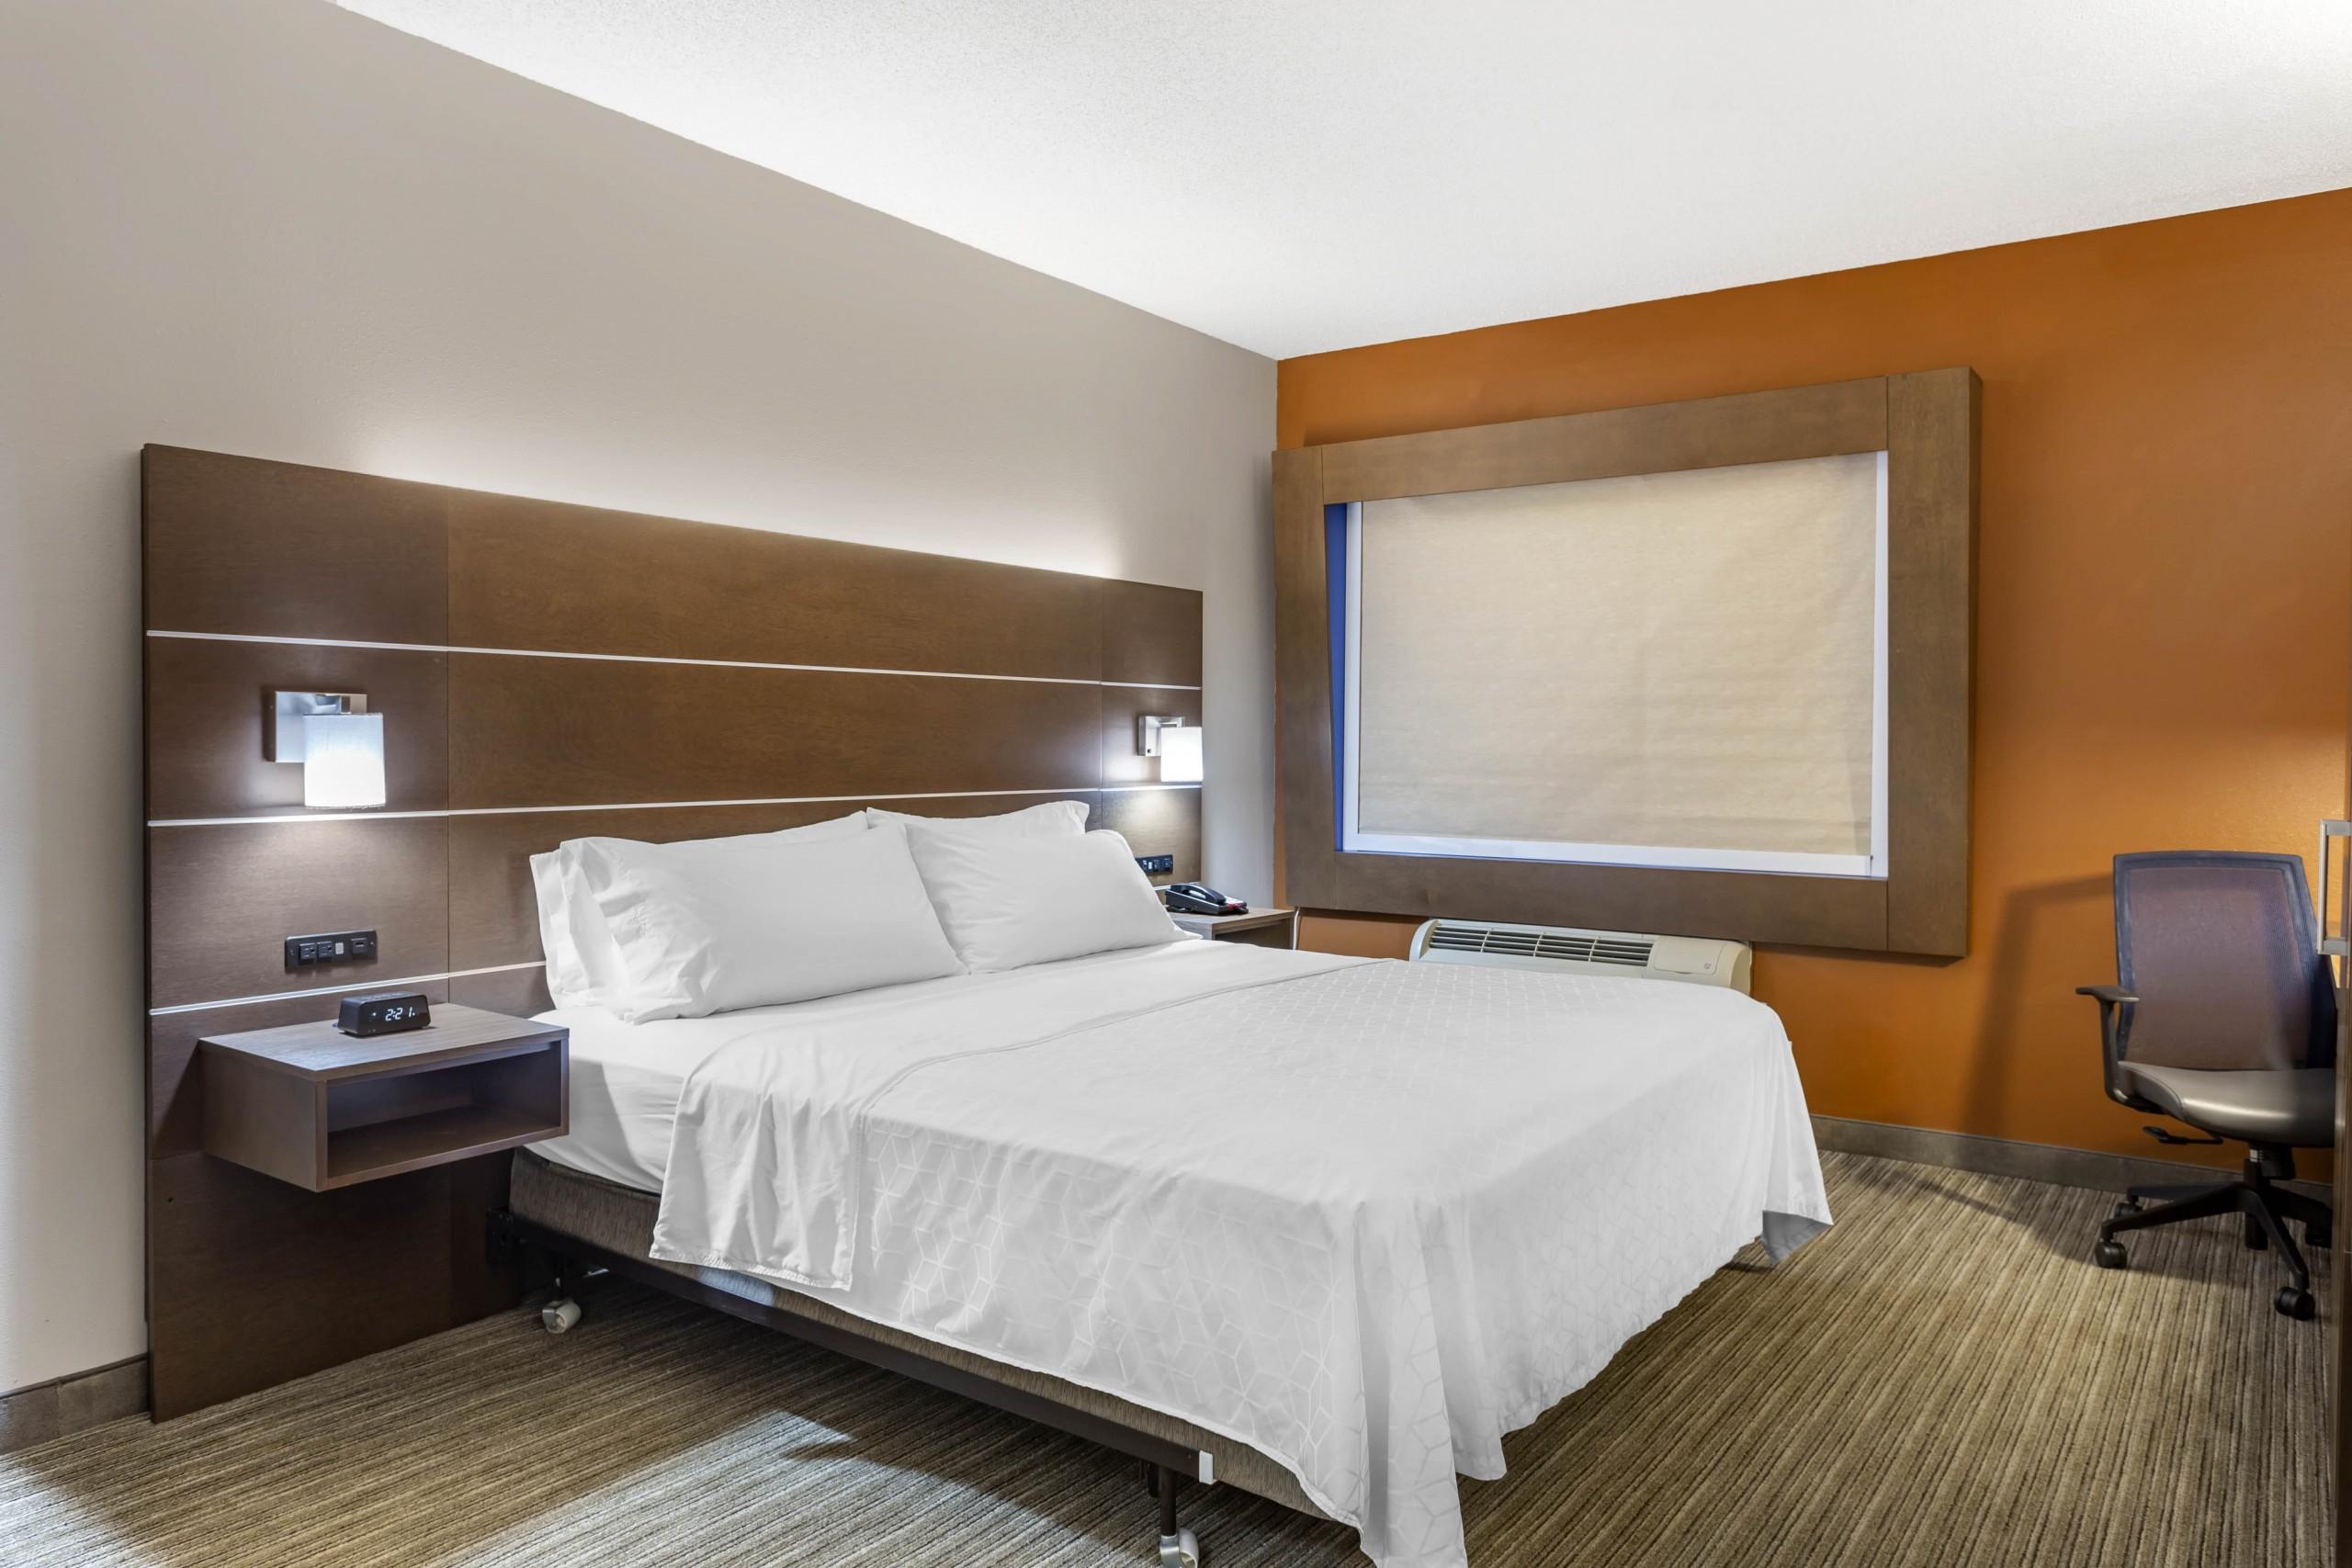 Holiday Inn Express King